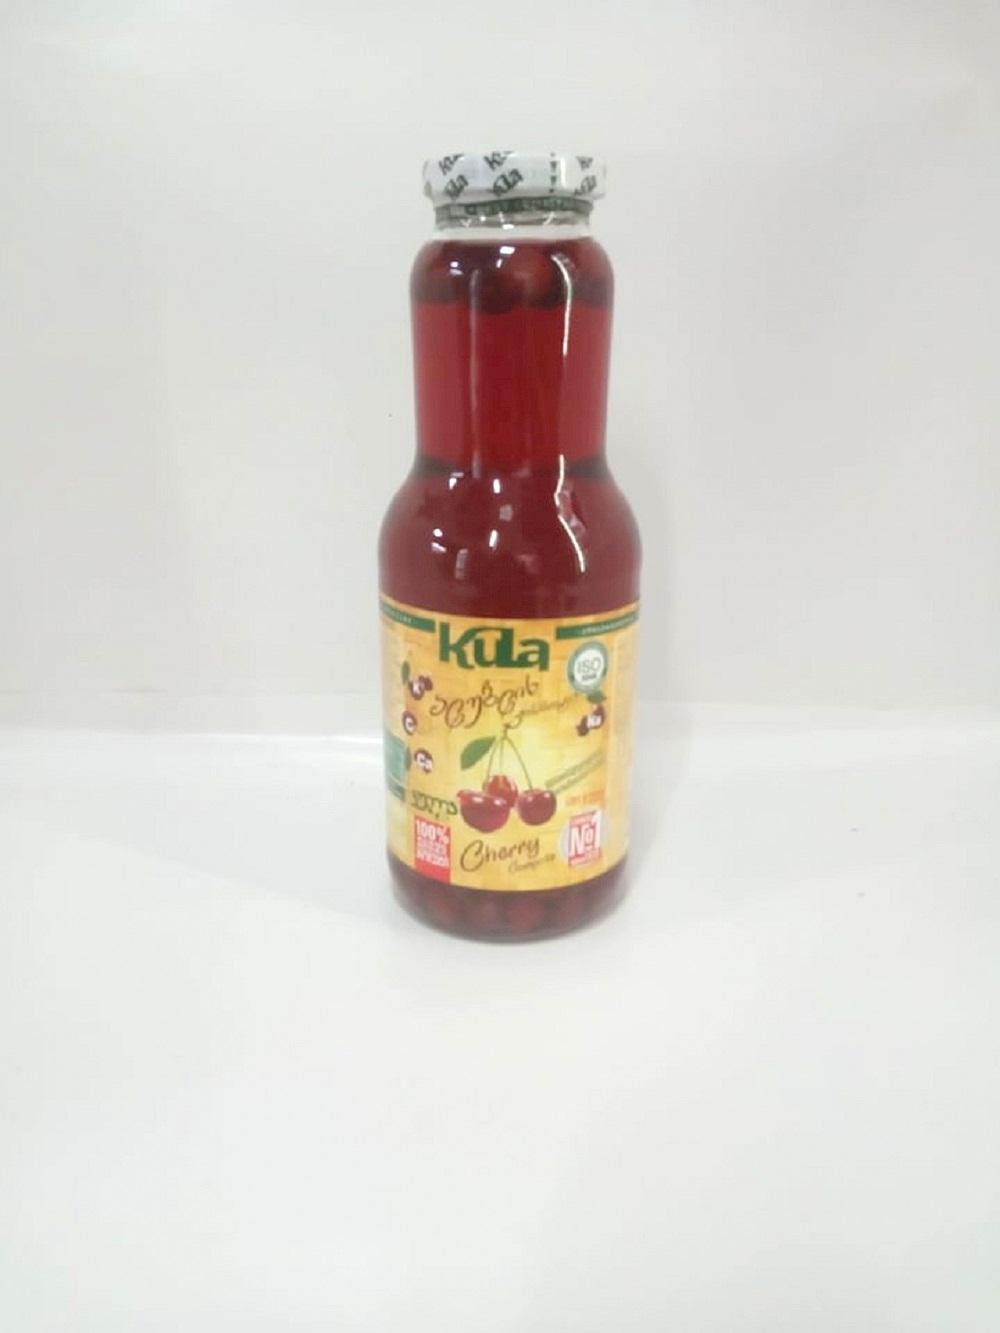 კომპოტი ალუბლის 1ლ - 1 liter of compote cherries